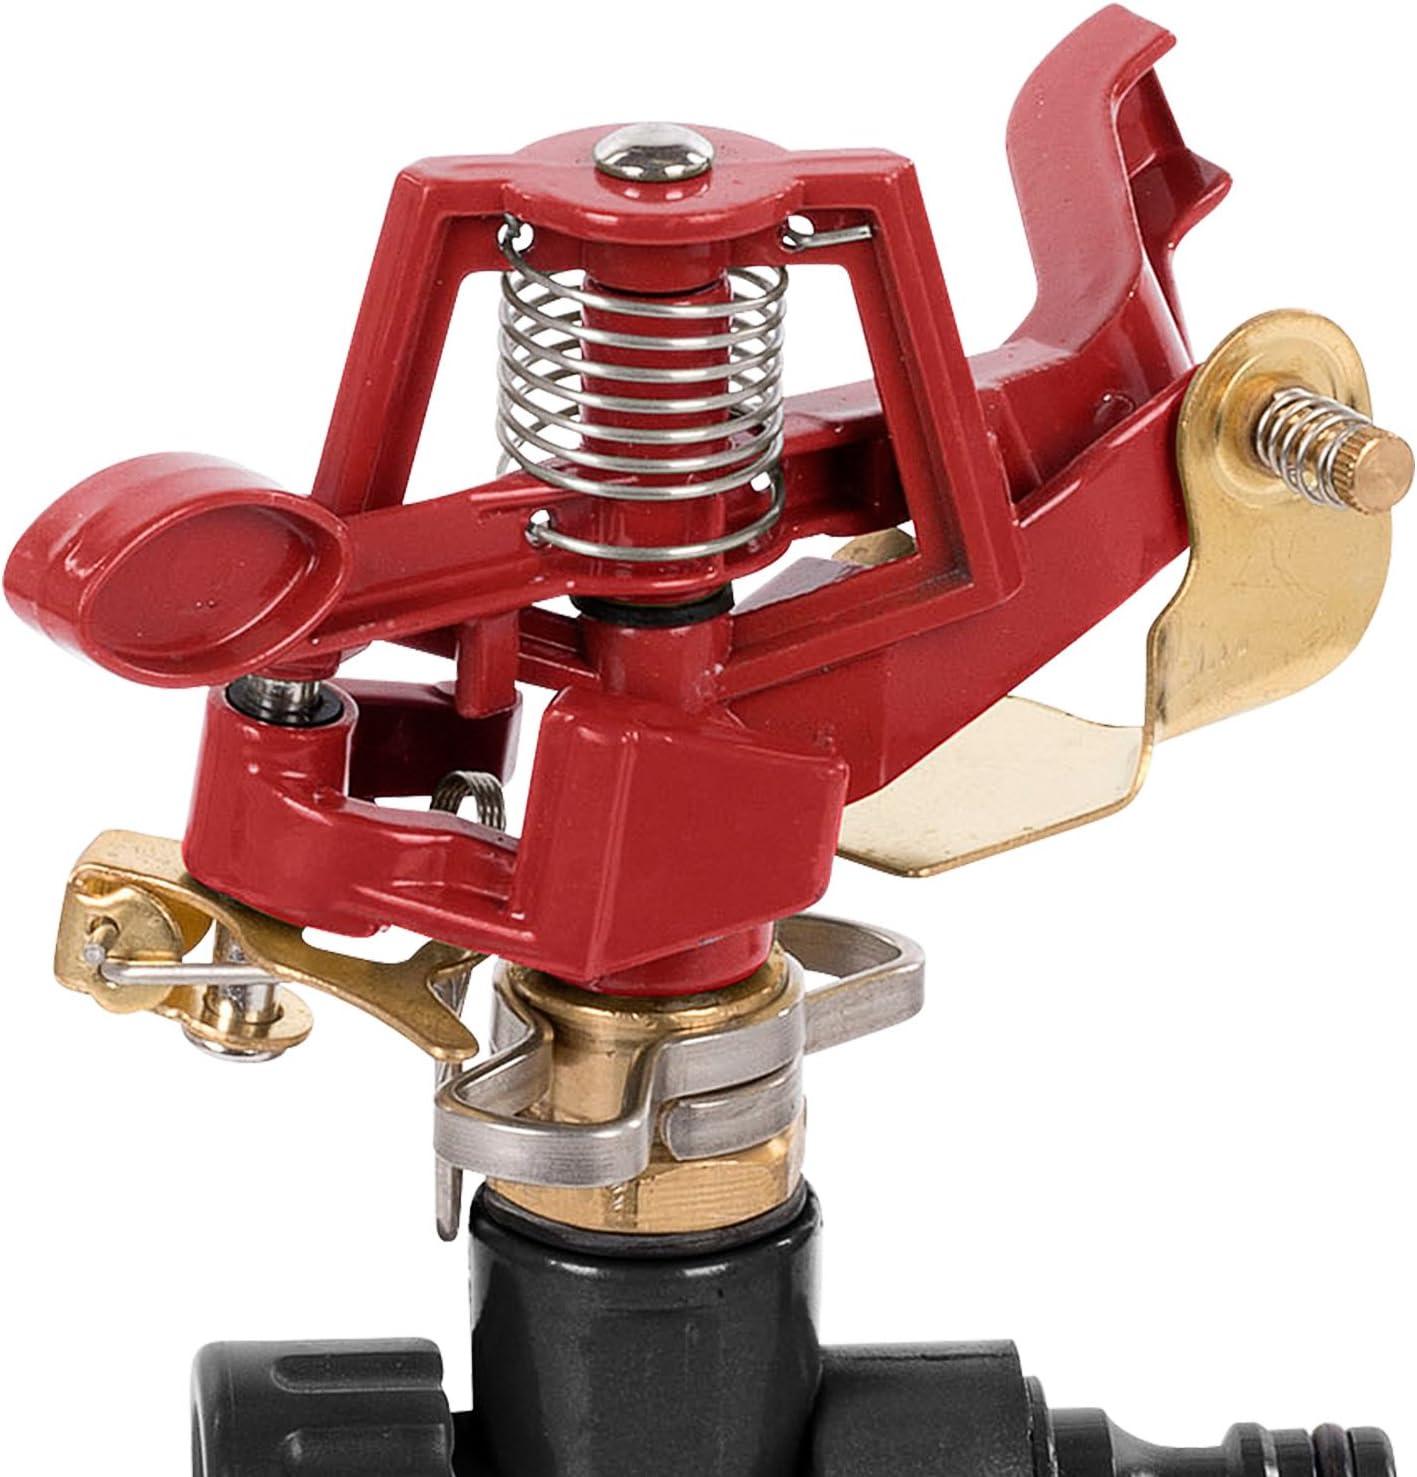 KREATOR KRTGR6502 Impulsregner Metall